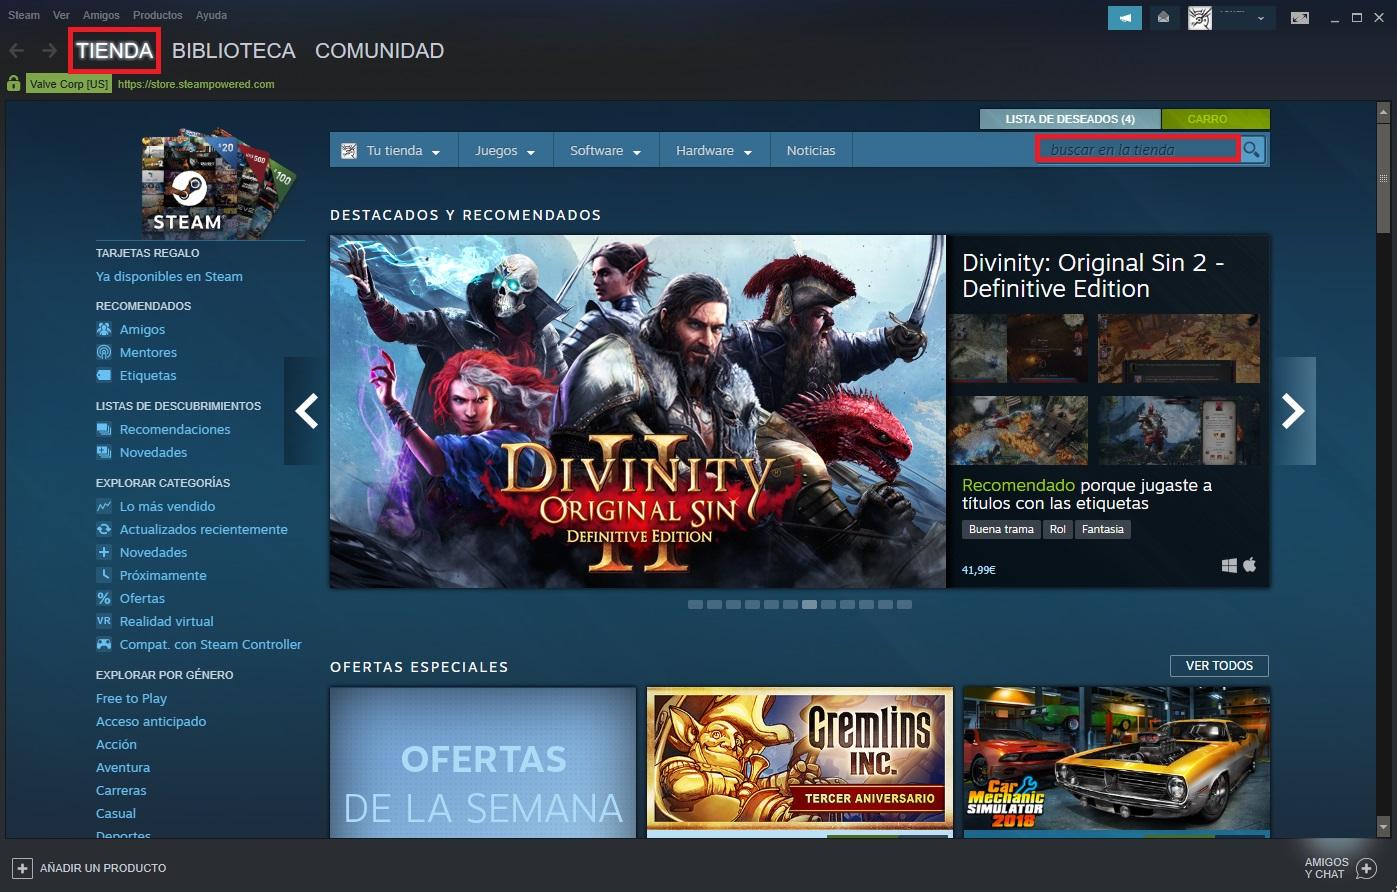 """Come trovare un gioco su Steam """"width ="""" 600 """"height ="""" 383 """"/> </p></noscript> <p> Ora che hai effettuato l'accesso a Steam, è il momento di trovare il titolo che stai cercando. Per fare ciò, inserisci il nome del gioco che desideri acquistare nella barra di navigazione <strong> «Cerca in negozio» </strong>. Se non sai quale gioco vuoi acquistare, puoi dare un'occhiata al suo catalogo cliccando sull'opzione <strong> «Sfoglia» </strong> e, una volta aperto il menu a tendina, seleziona la categoria di gioco a cui vuoi giocare. </p> <h3> <strong> Passaggio 3: assicurati che il tuo PC soddisfi i requisiti minimi di sistema </strong> </h3> <p> <img   alt="""